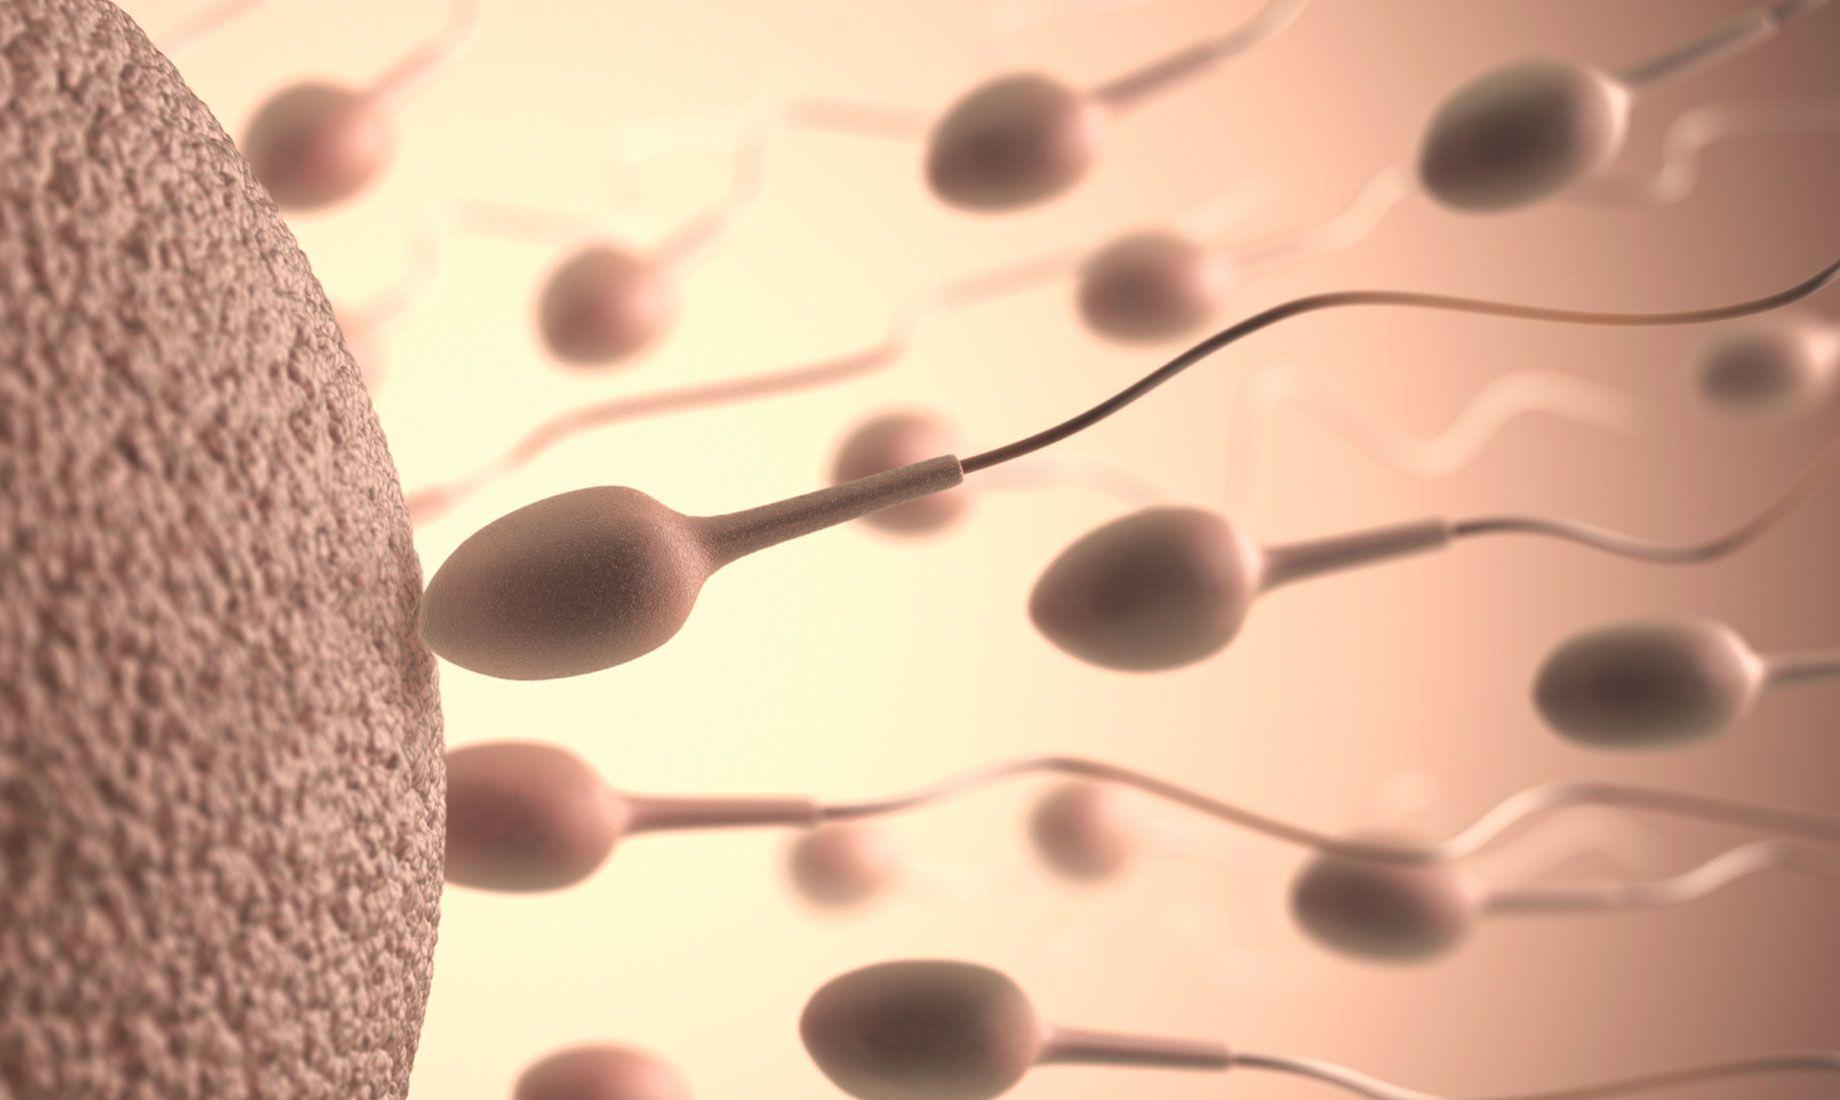 人体精子和卵子的视图